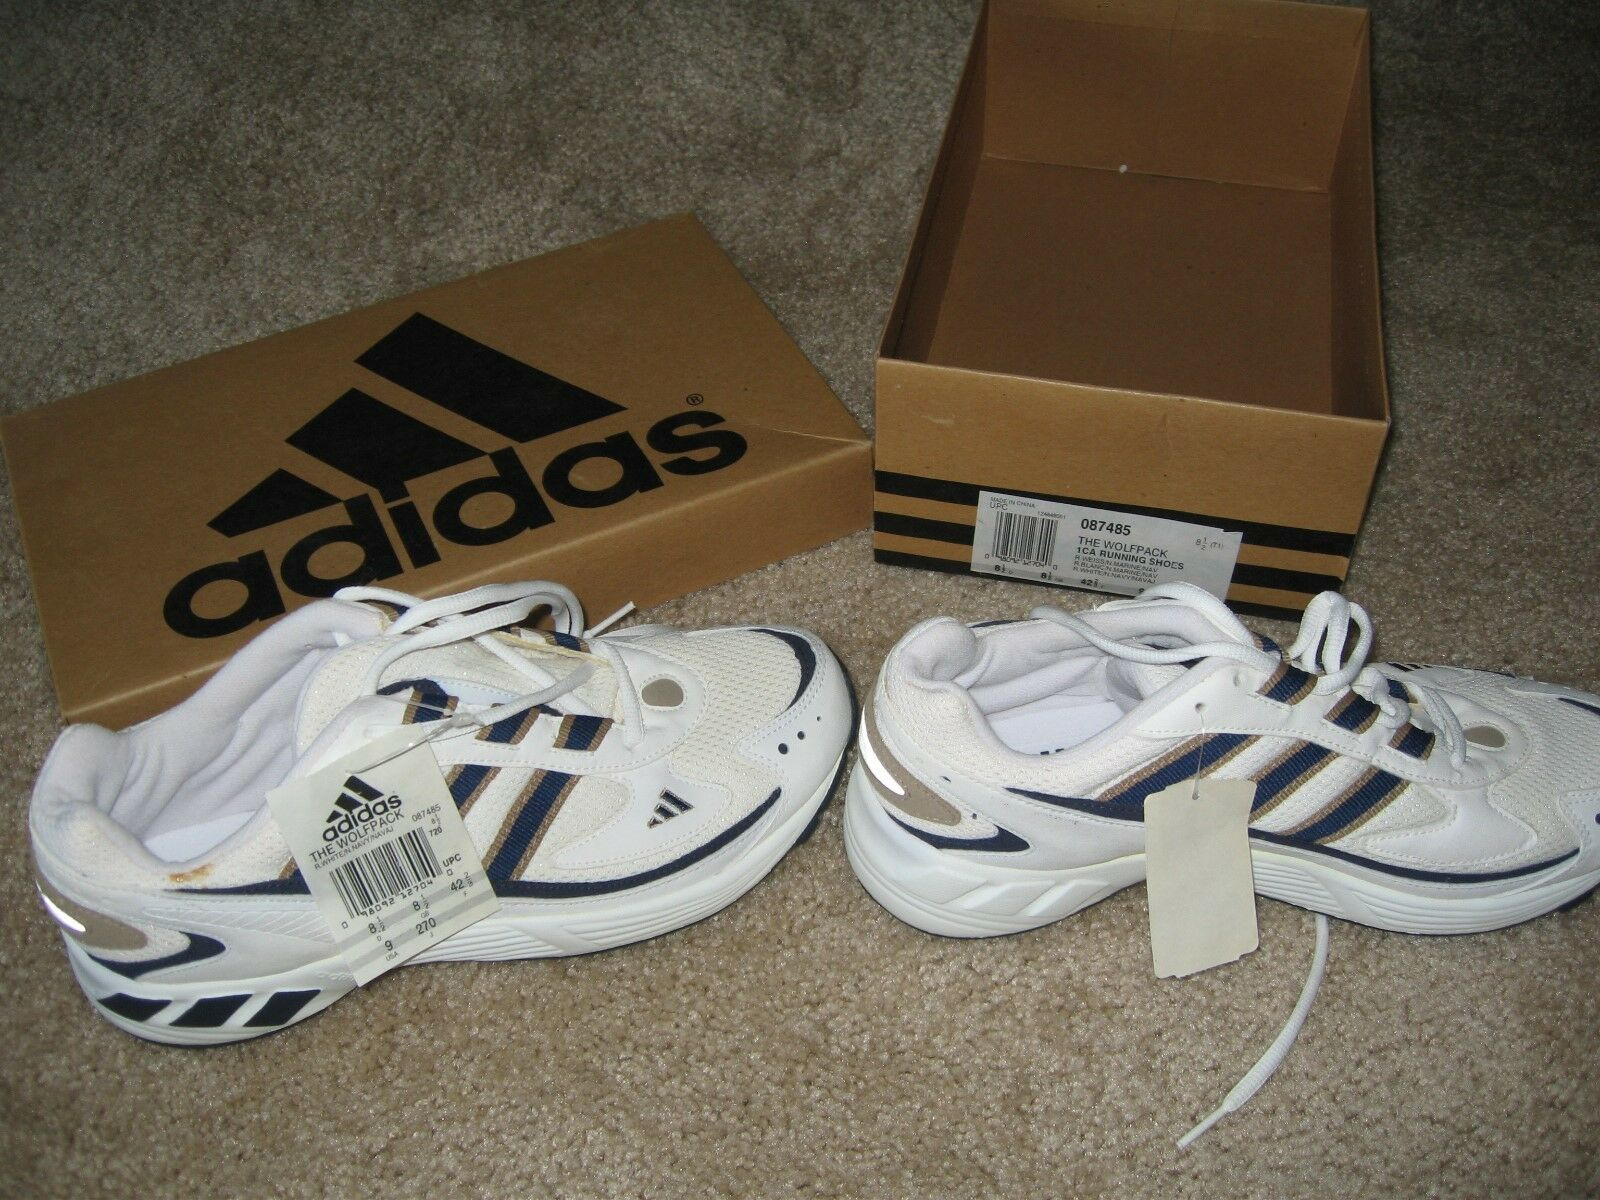 neue herren 1 - paar adidas wolfpack 1 herren ca laufschuhe größe 9 abgesetzt a45da5